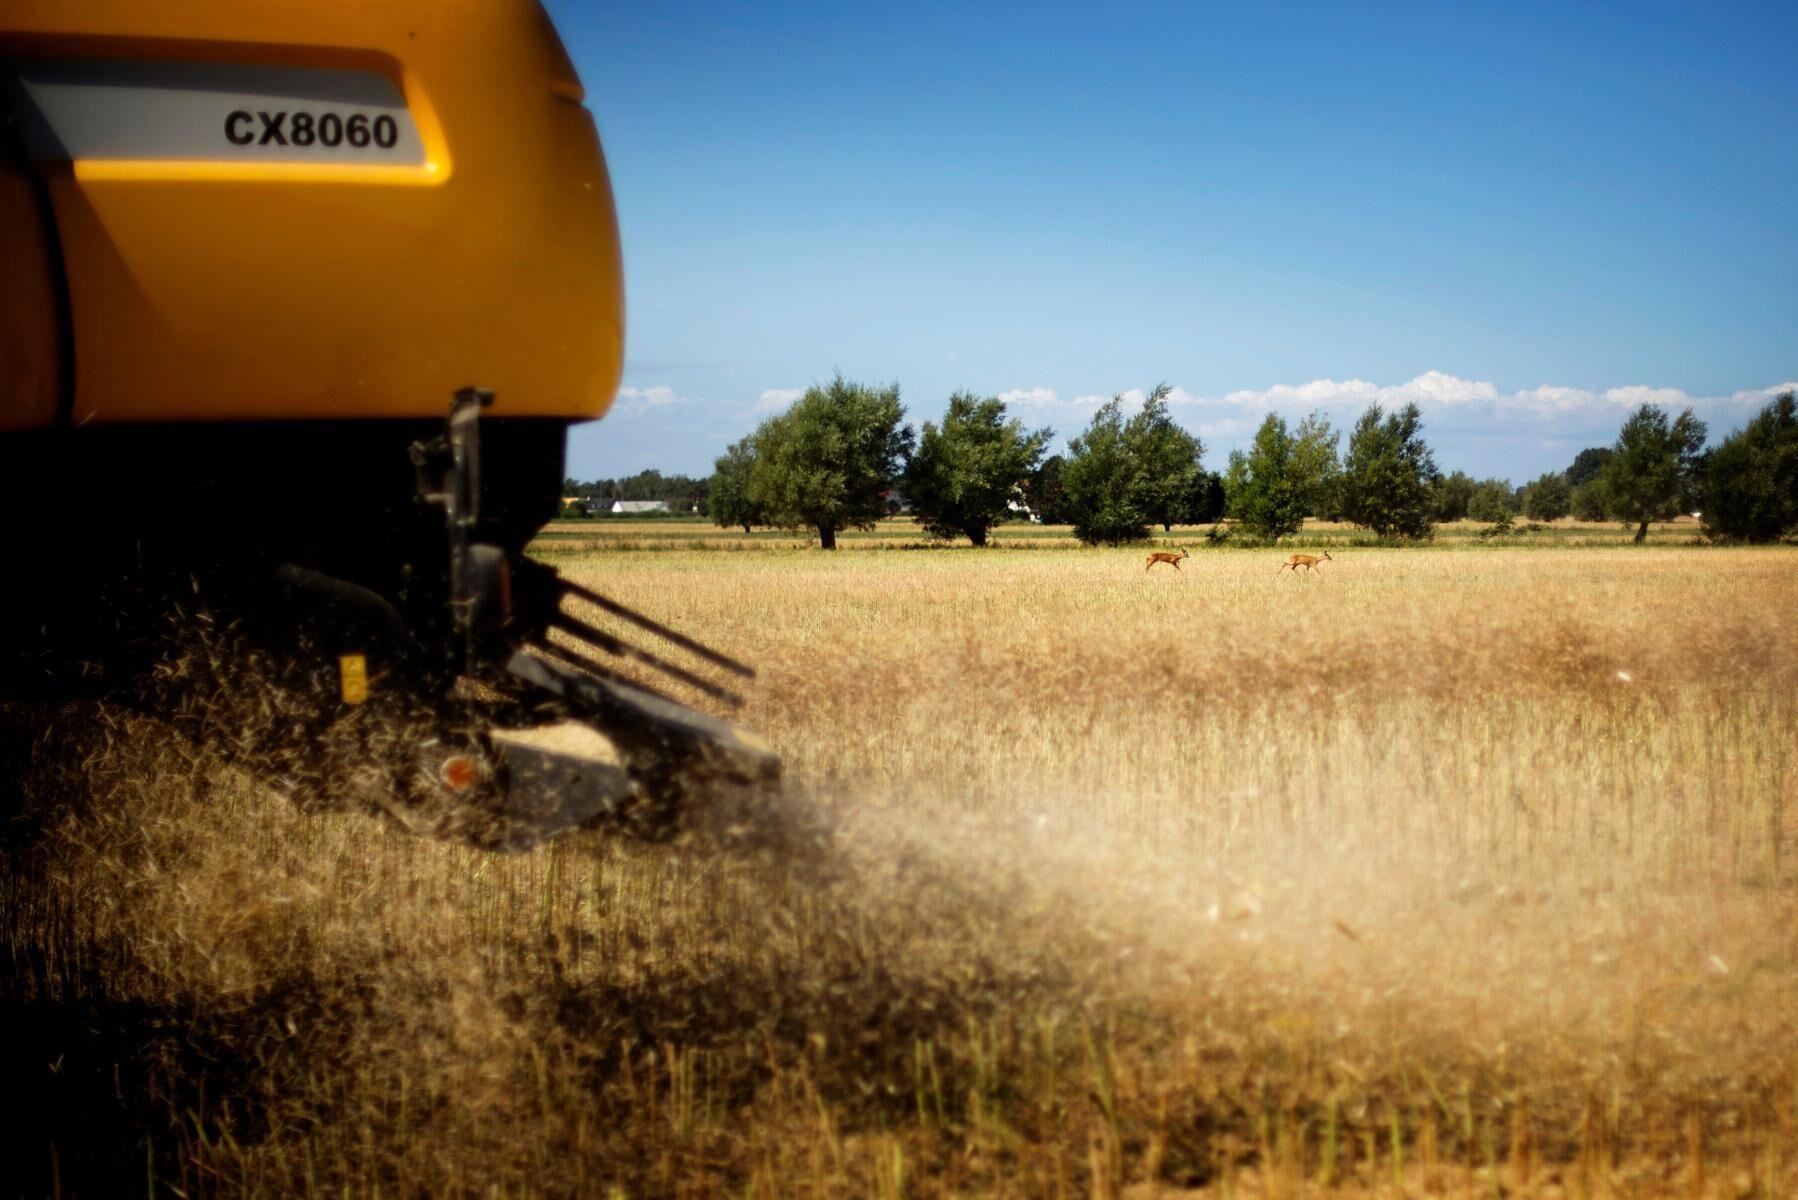 """""""Vår uppmaning till lantbrukare som måste leverera under skördeperioden är att säkra av en del av den förväntade skörden"""", säger Mats Eriksson på BM Agri (arkivbild)."""